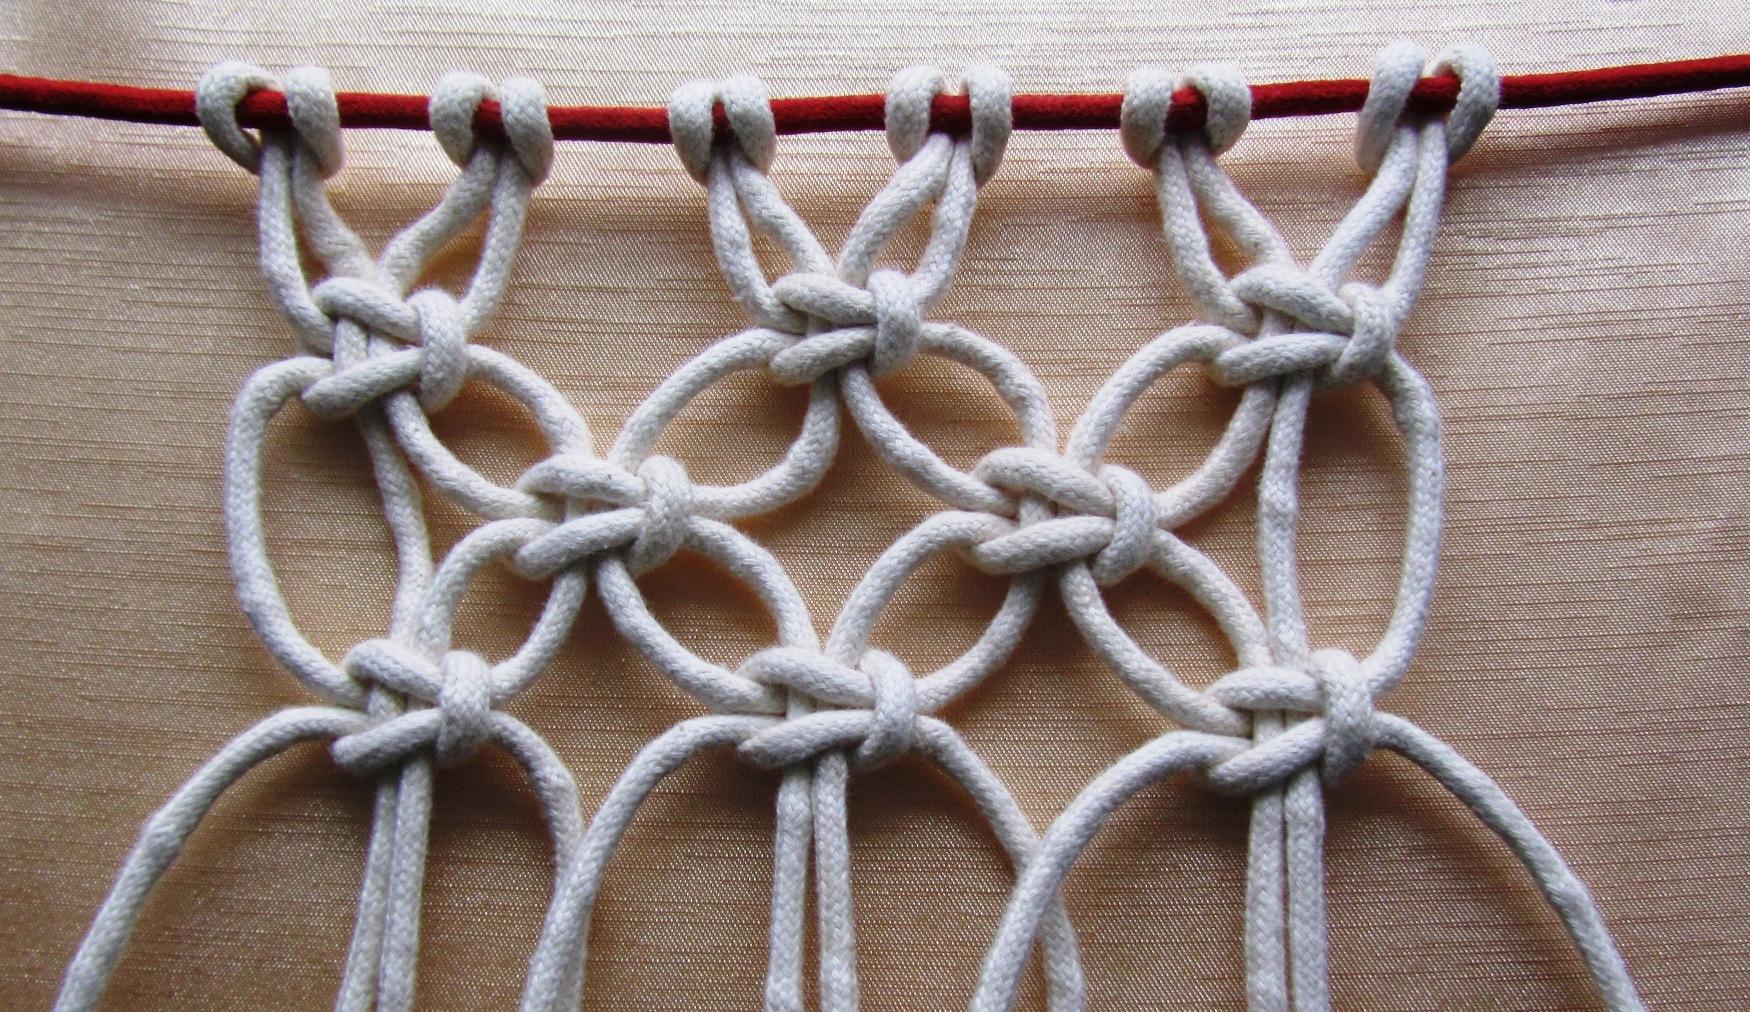 Нитки для макраме: плетение какое нужно, как рассчитать длину, для начинающих схемы, вощеная нить, вязания фото